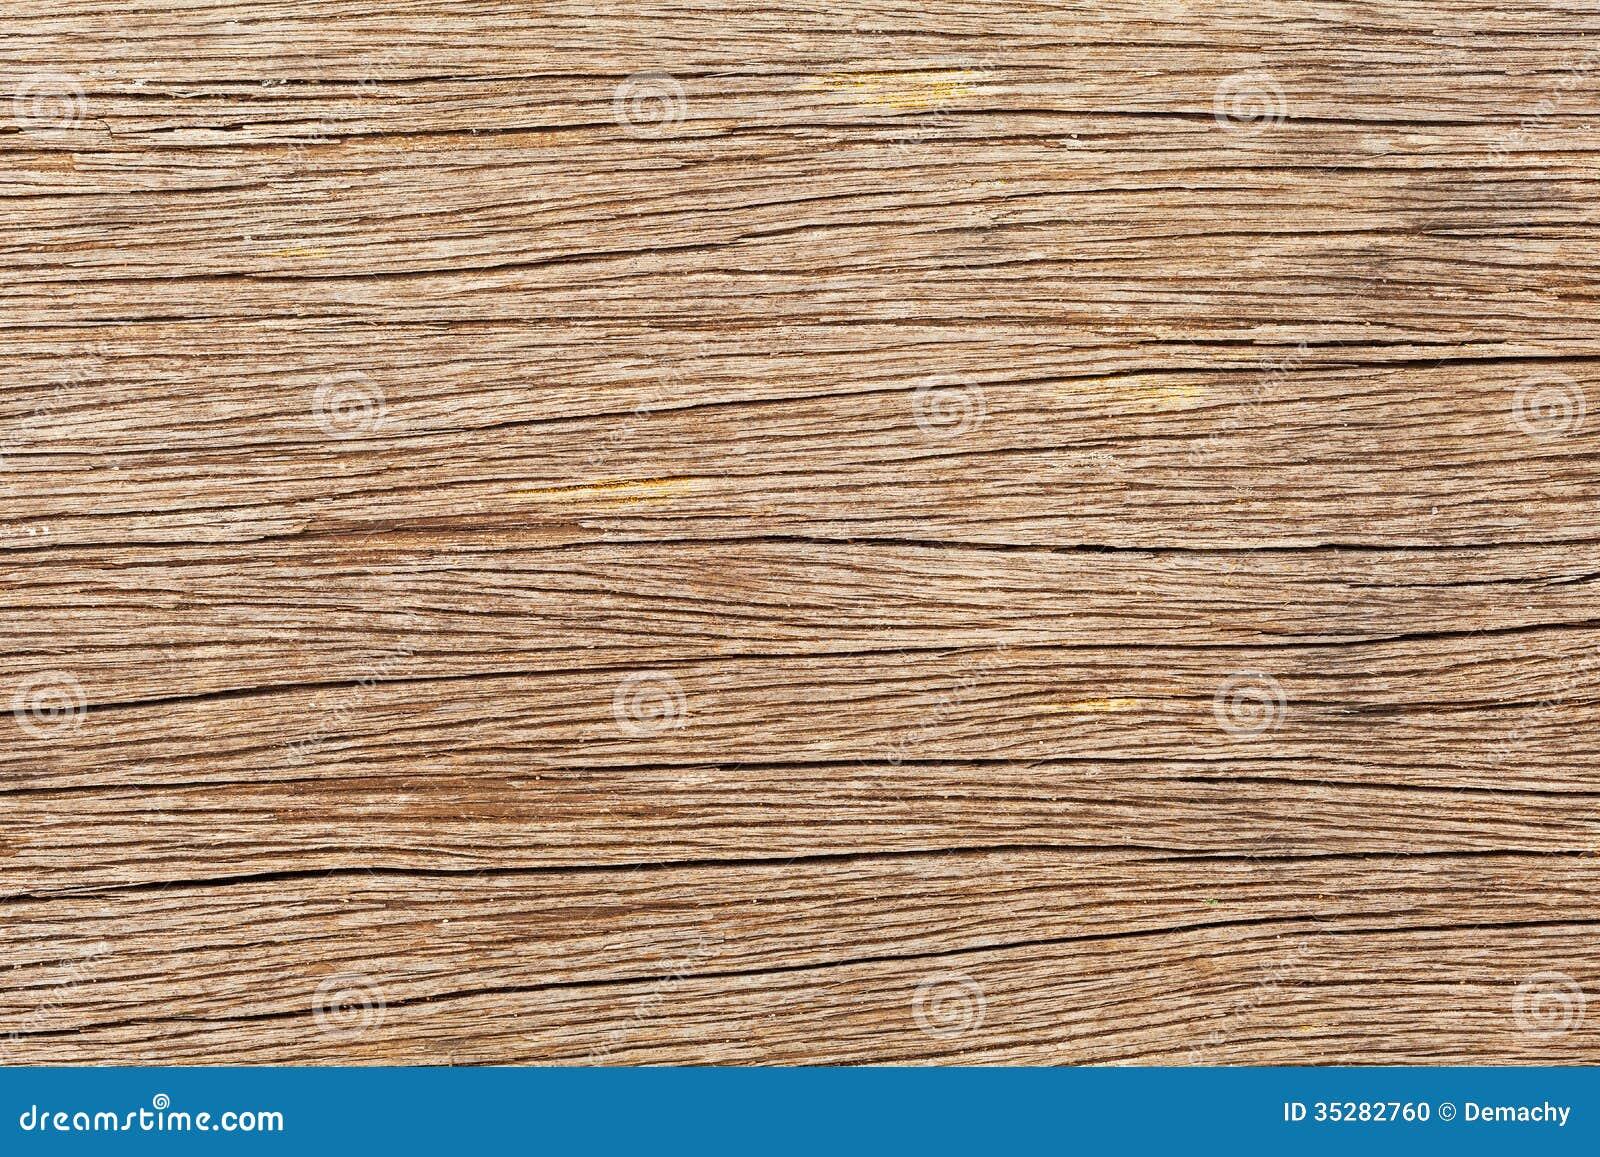 Vieille planche en bois de ch ne for Vieille planche de bois